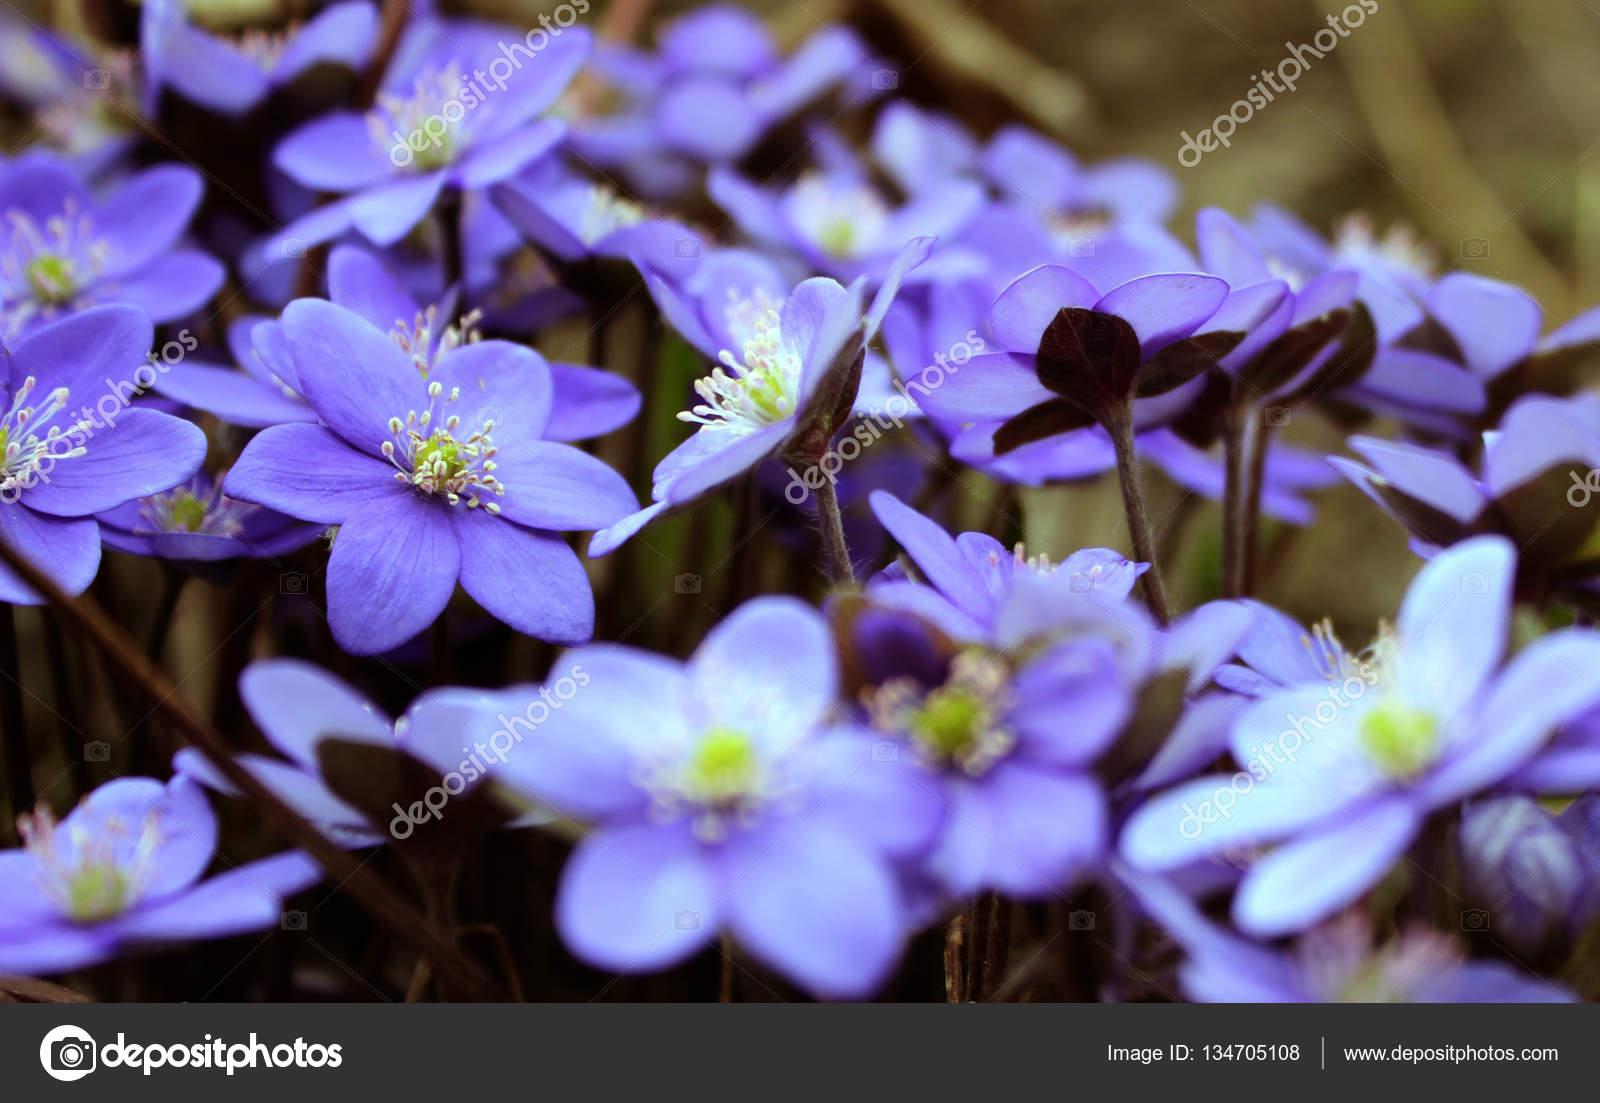 Hepatica Nobilis Blooming Flowers In Early Spring Blurred Bac